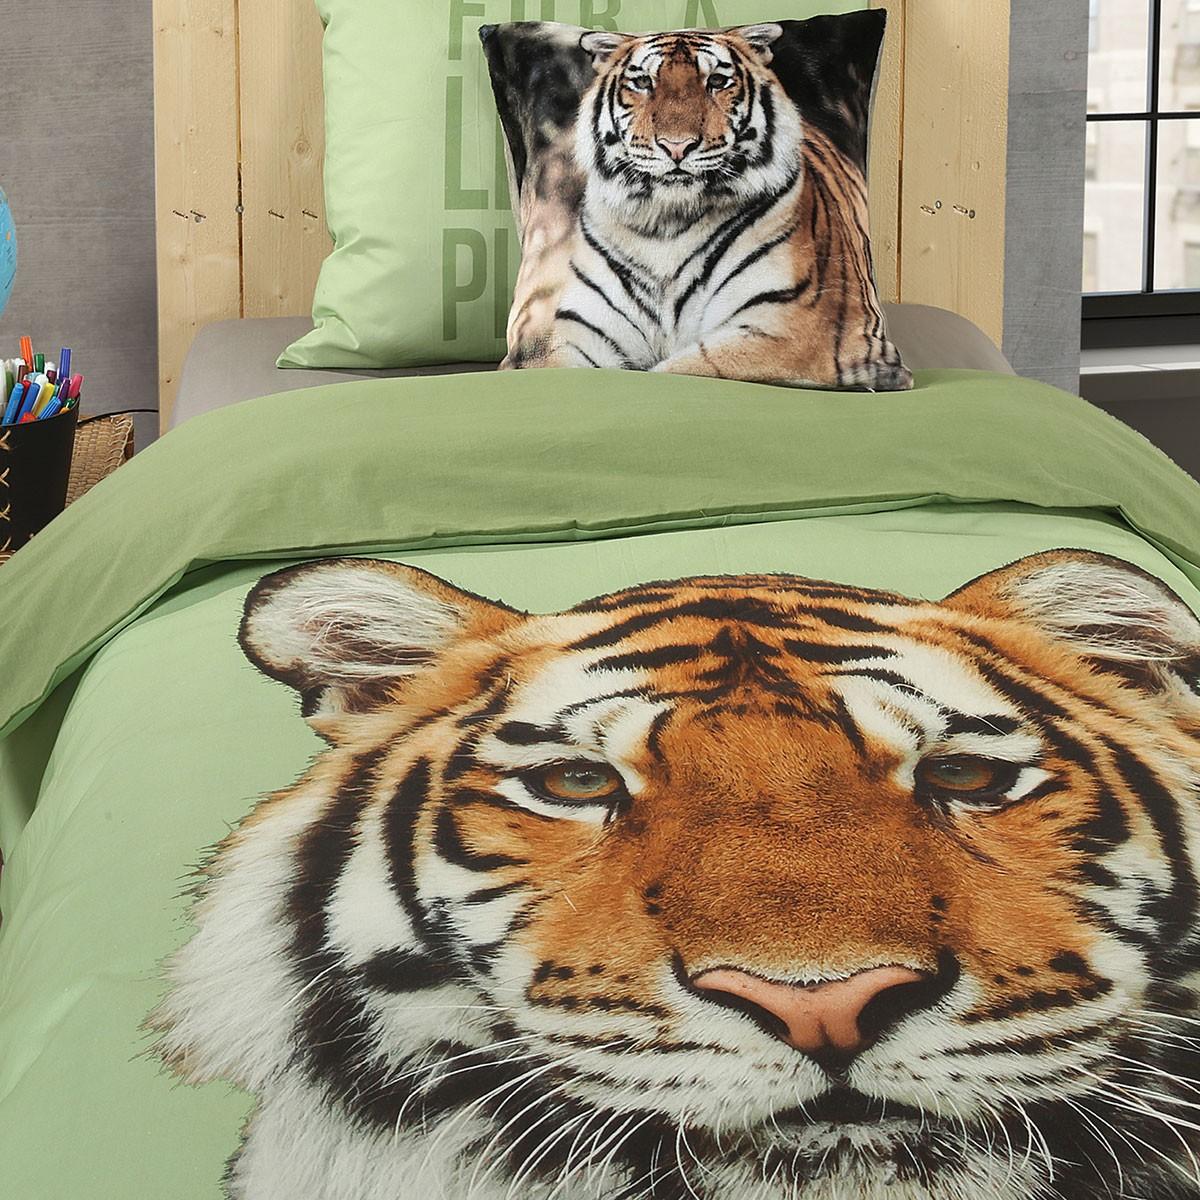 Παπλωματοθήκη Μονή (Σετ) Nef-Nef WWF Tiger